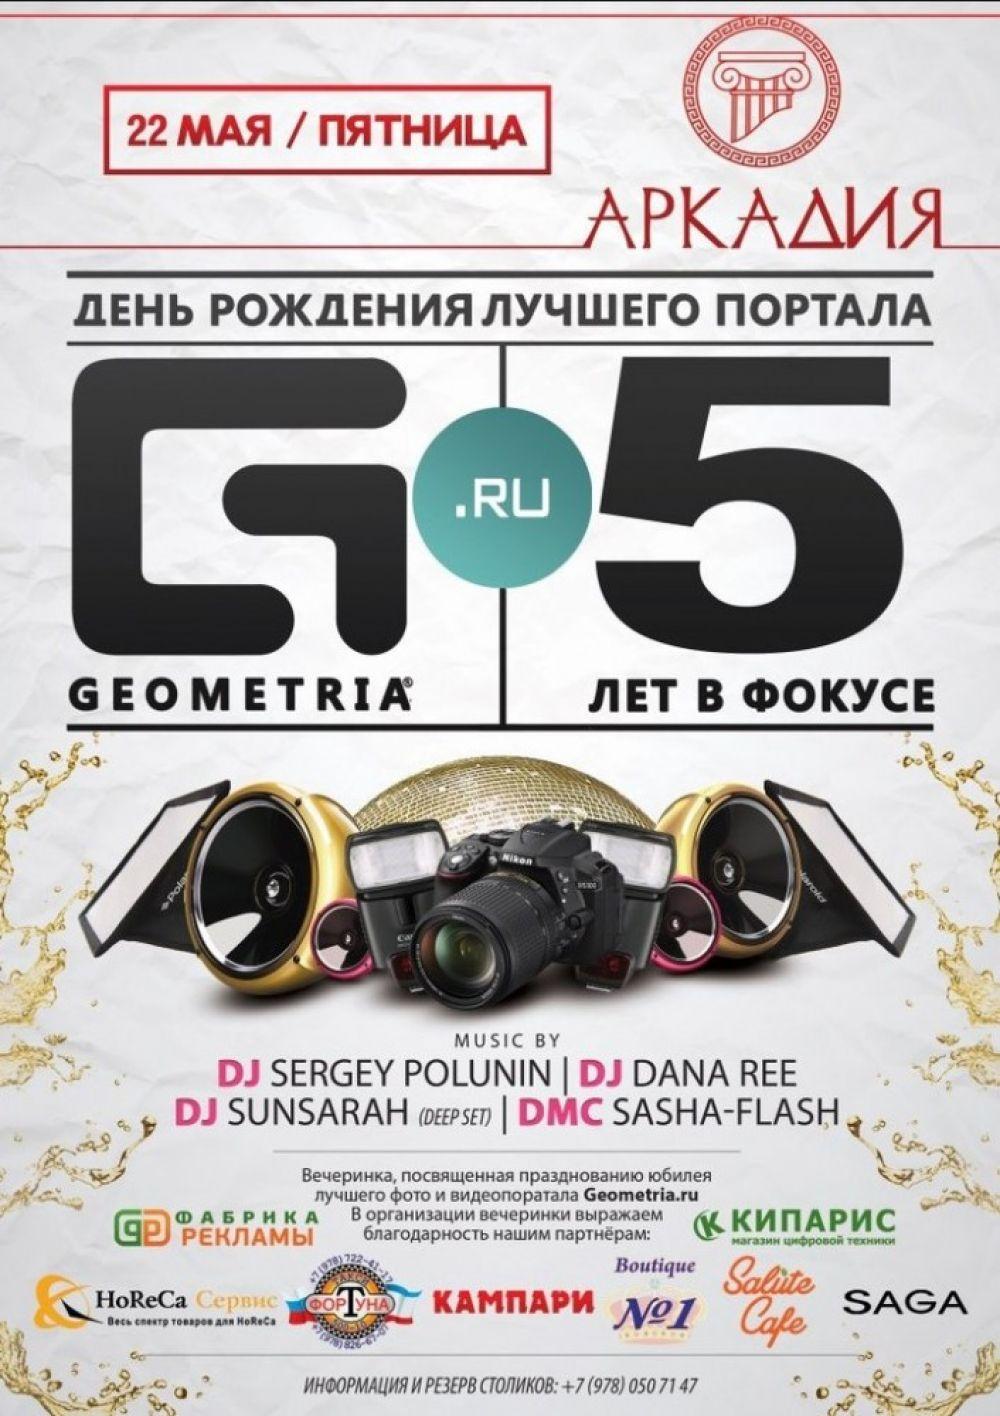 День Рождения Geometria.ru (Феодосия), НАМ 5 ЛЕТ!